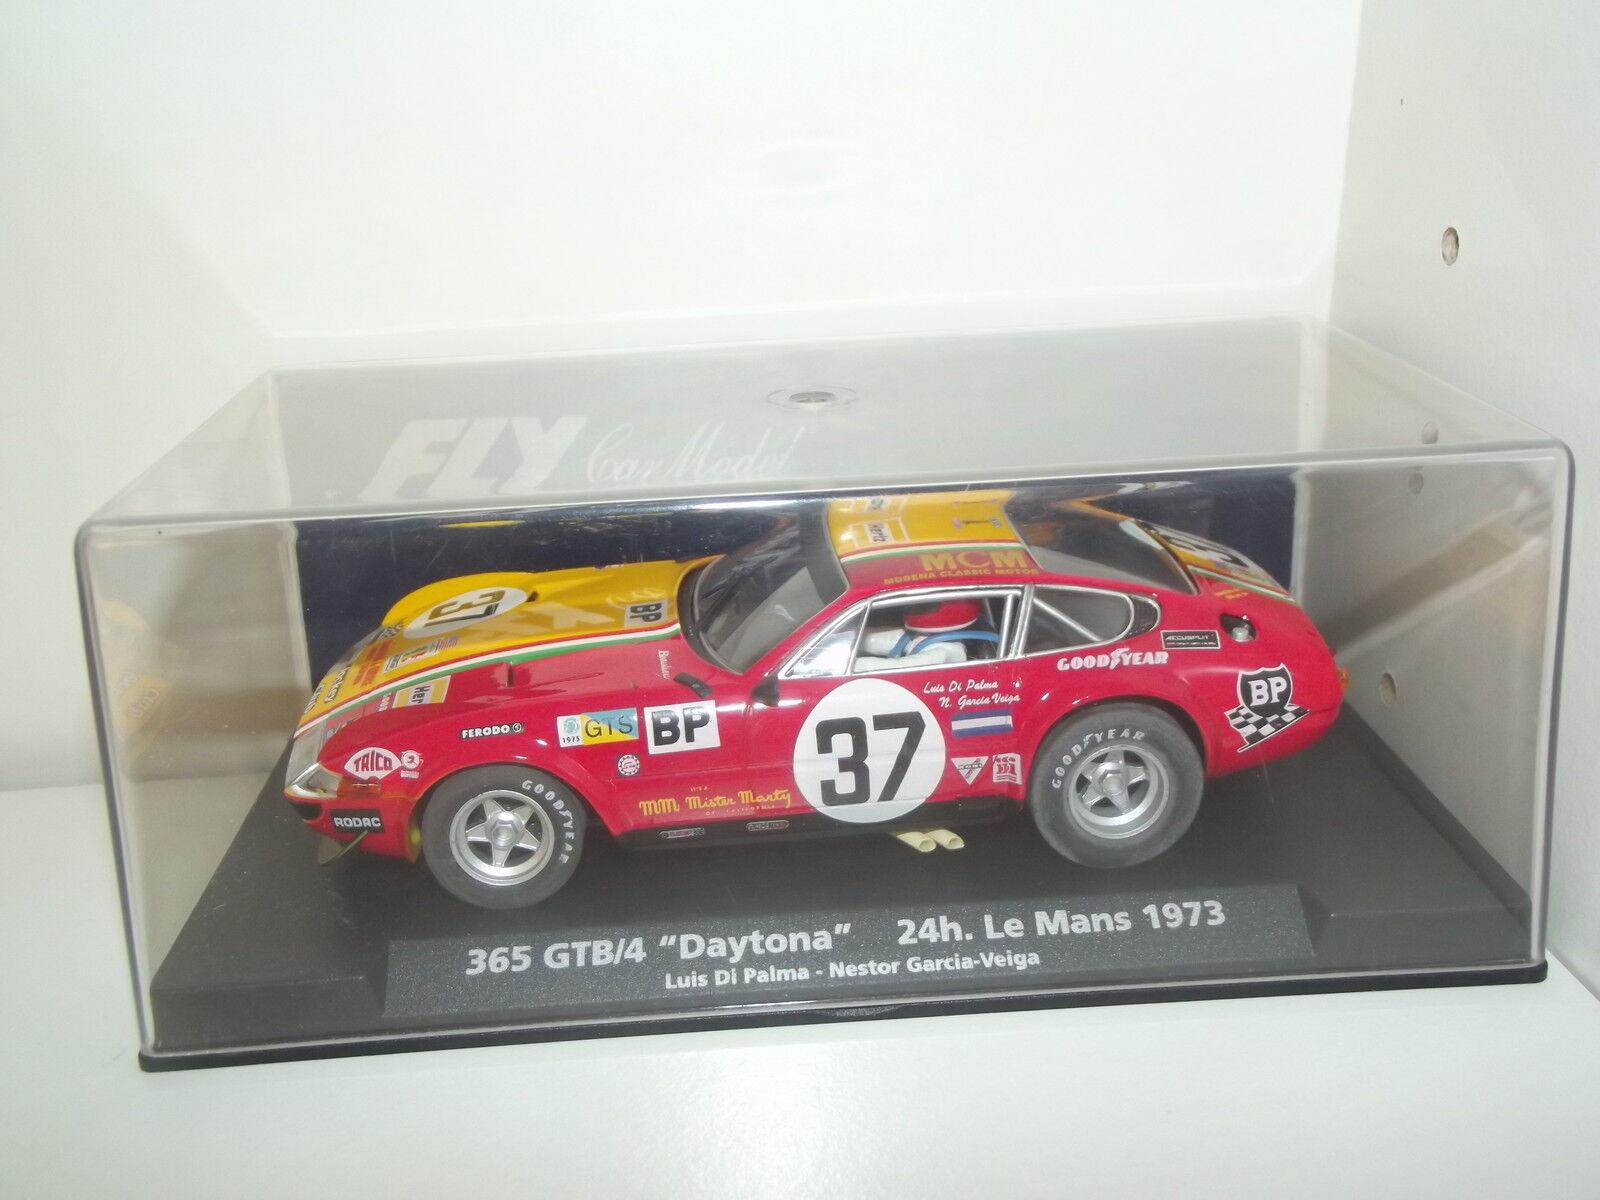 365 gtb  4 Daytona 24h Le Mans 1973-fly voiture Collection-slot - 1 32 -- e22  magnifique